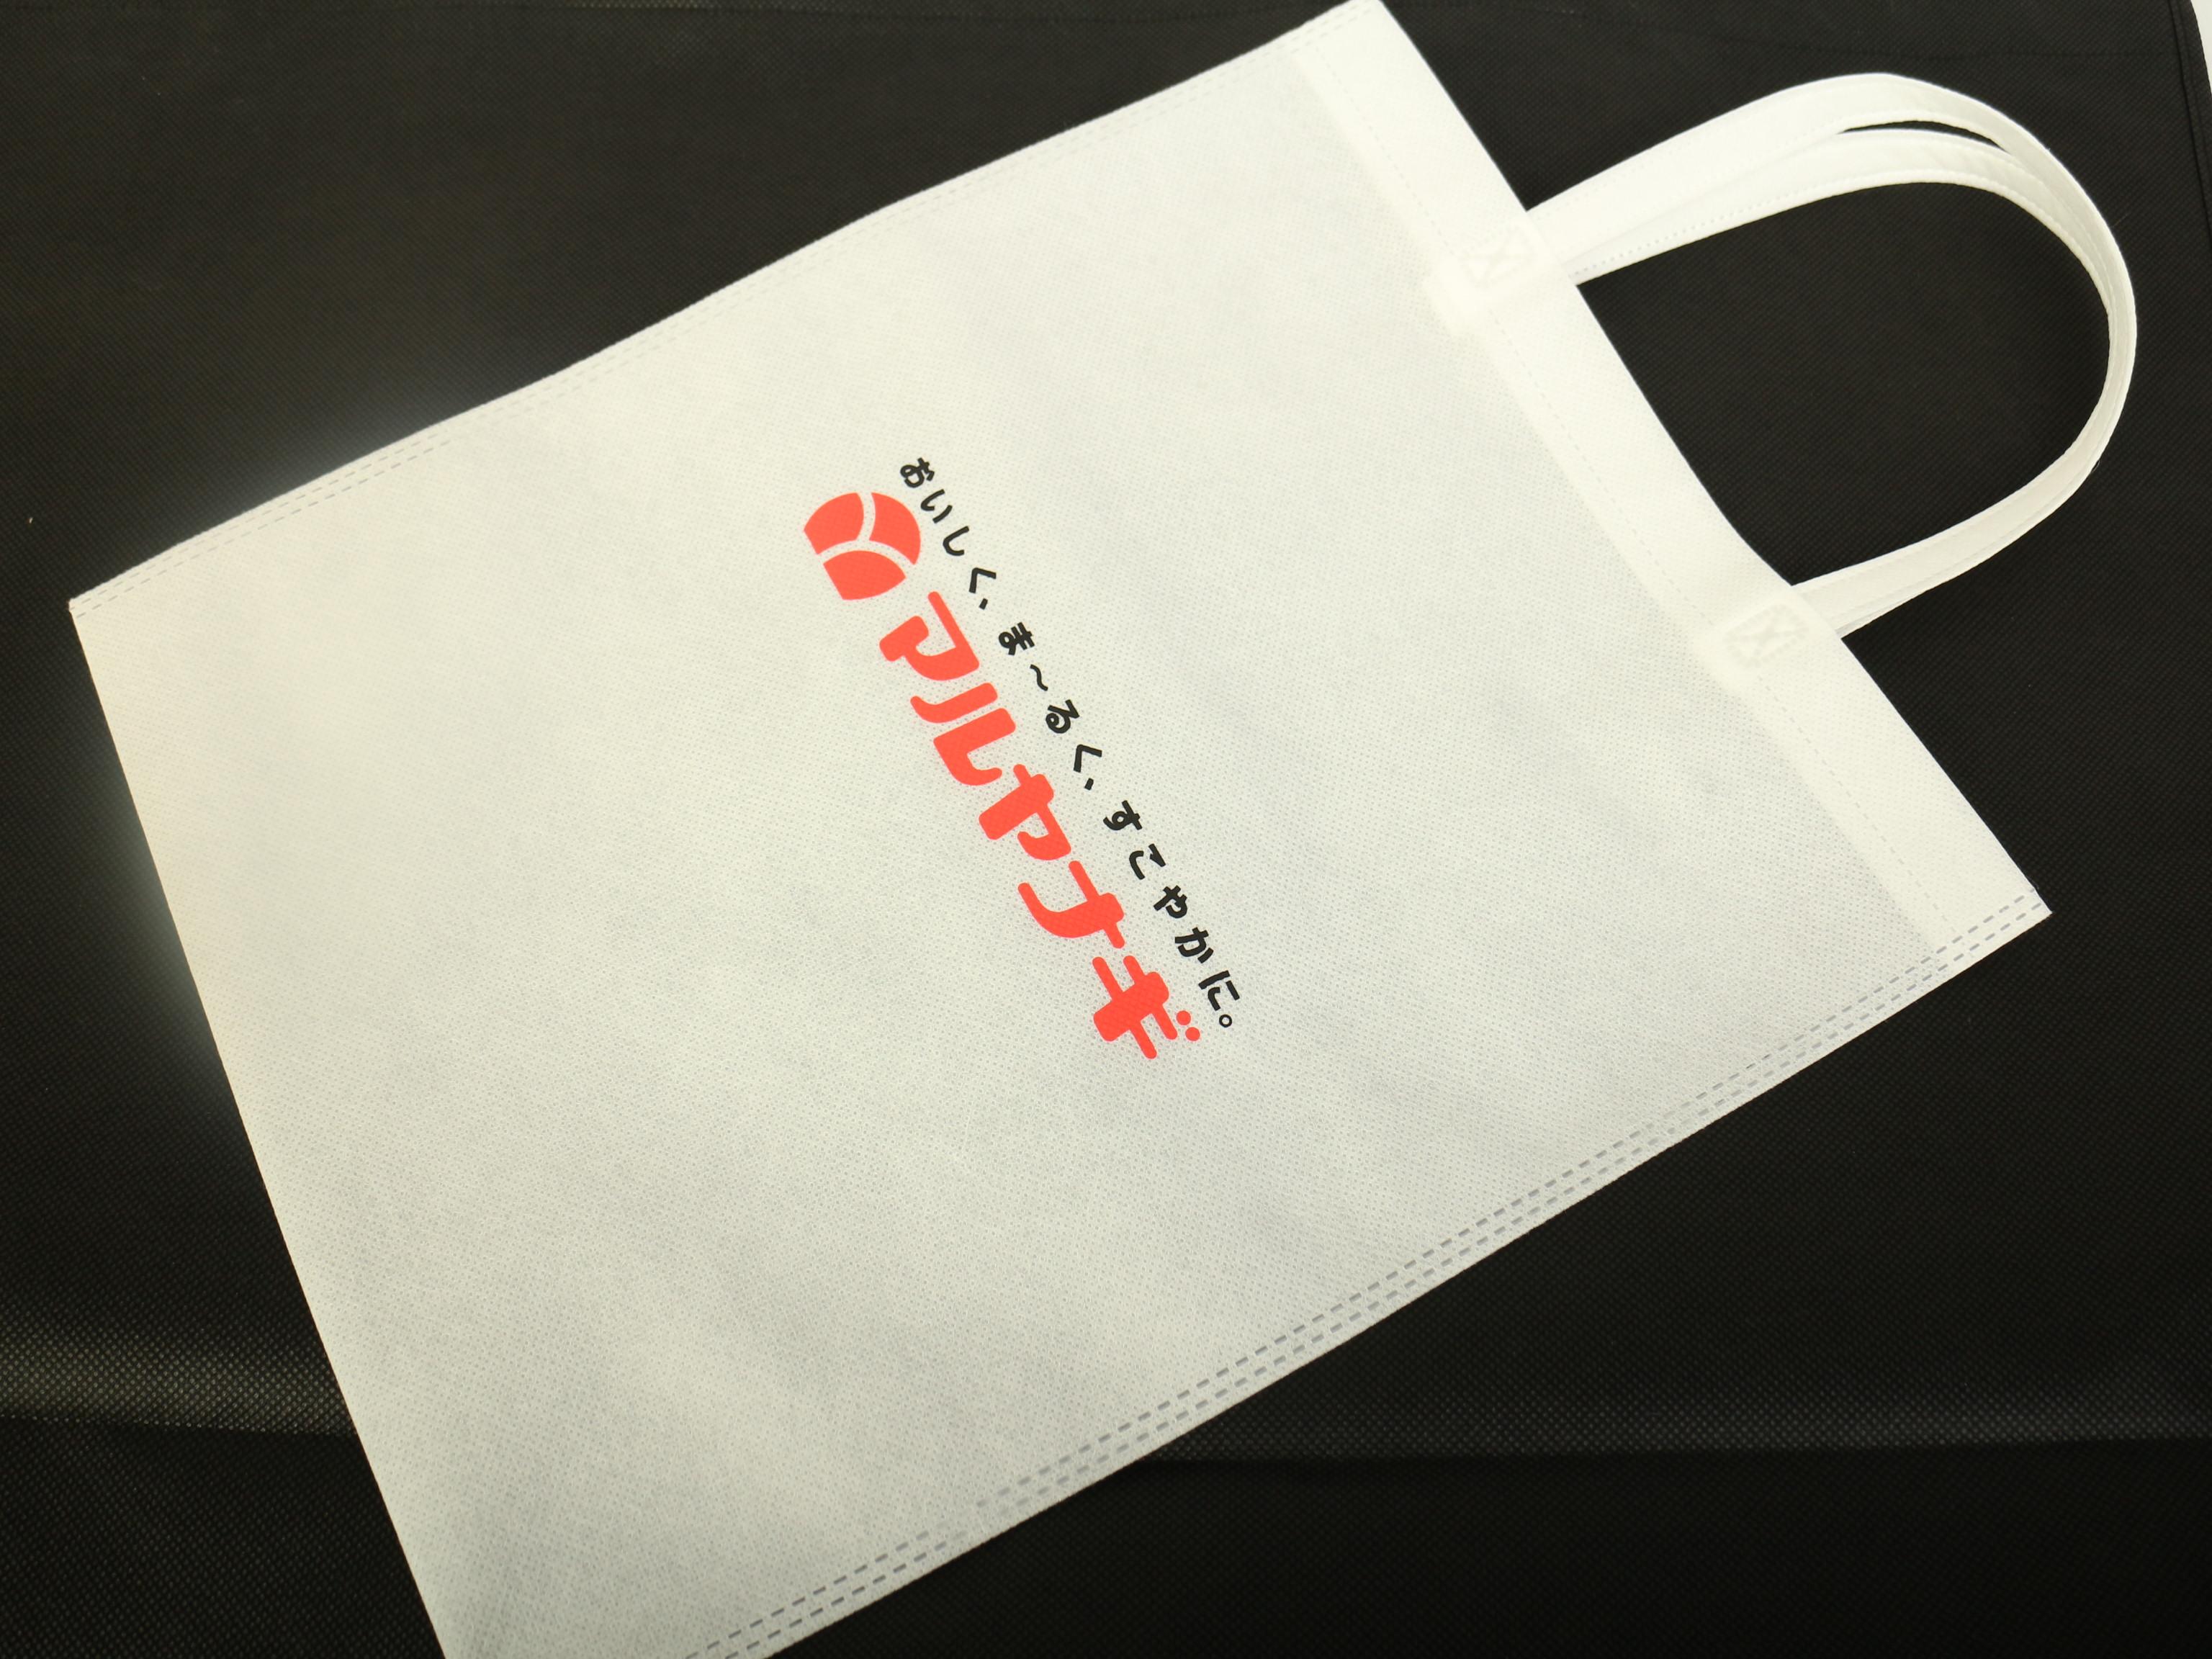 佃煮・煮豆・総菜の製造卸販売をしていらっしゃいます企業様のオリジナル不織布バッグ